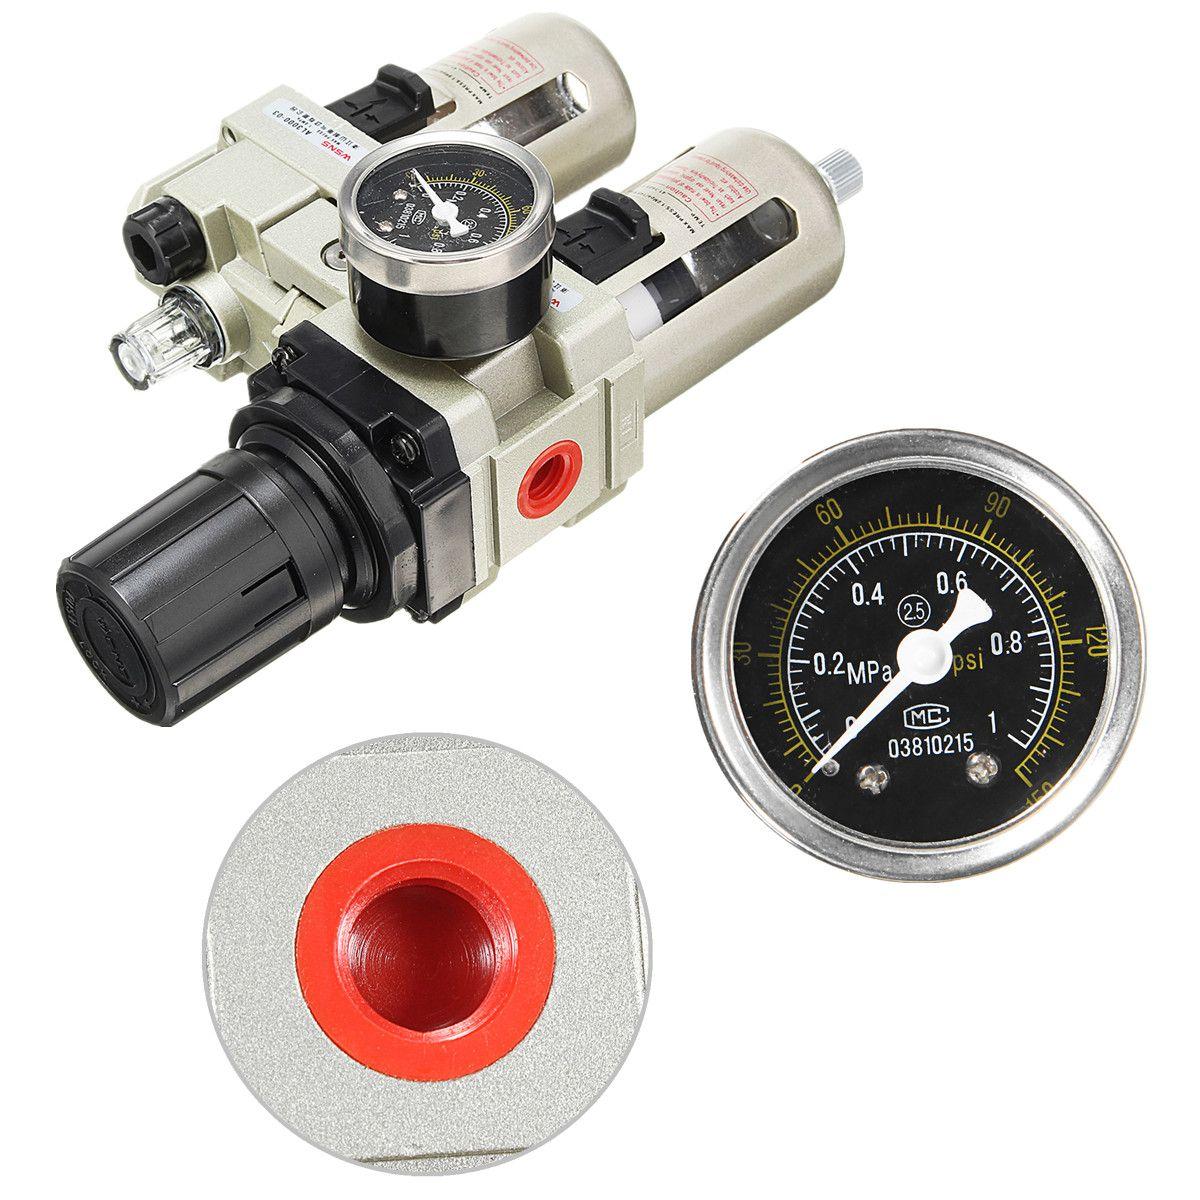 3/8 compresseur d'air lubrificateur d'huile humidité piège à eau filtre régulateur jauge en alliage d'aluminium pièces pneumatiques matériel mécanique - 5